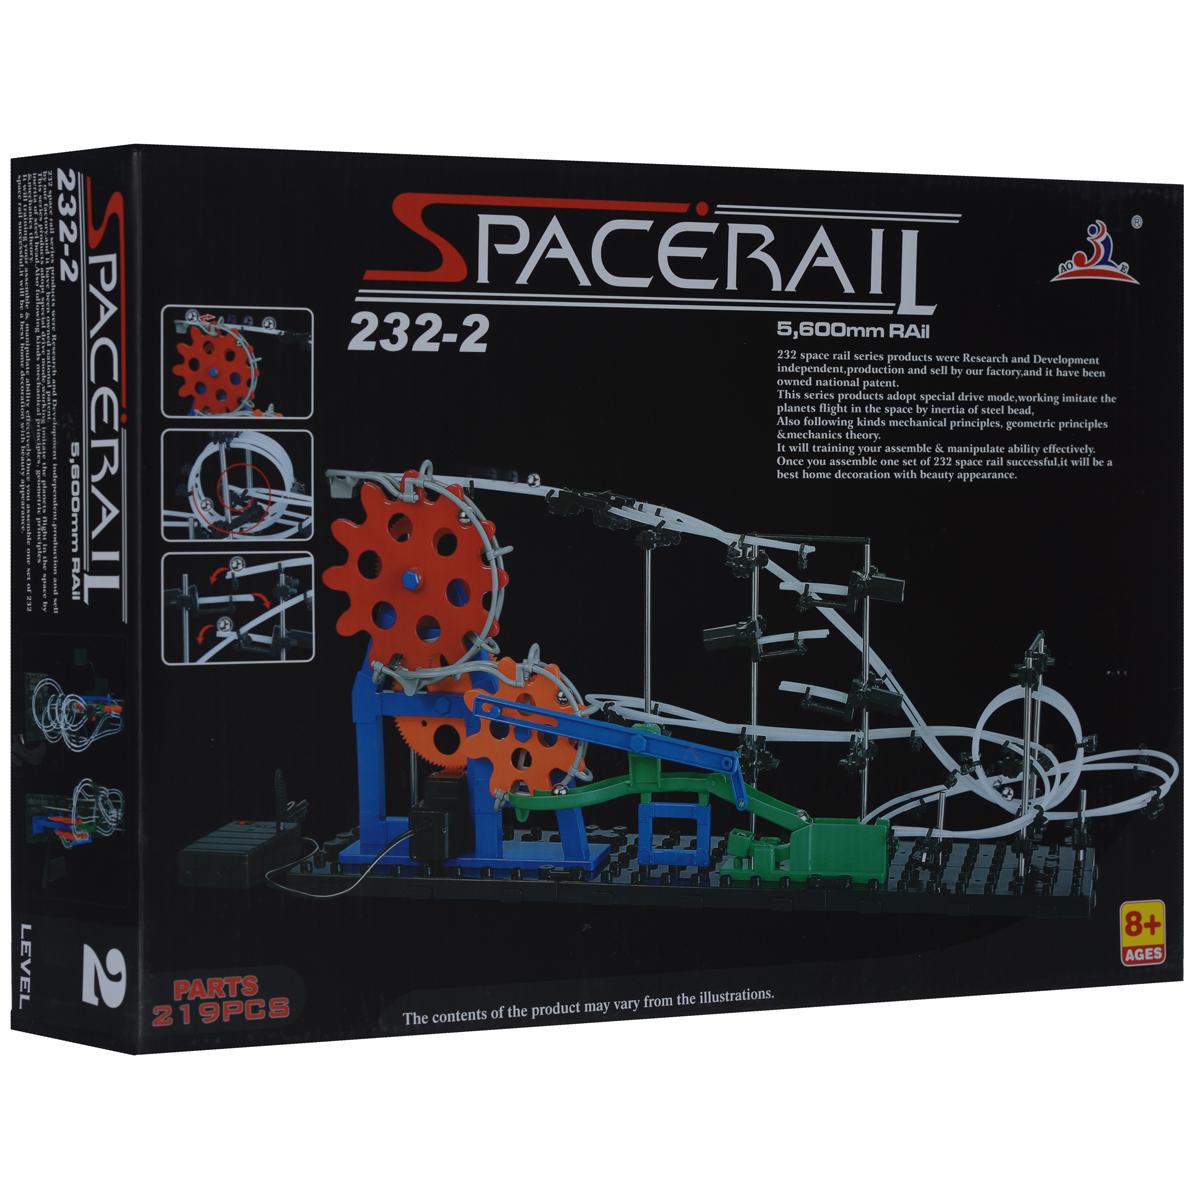 Space Rail Конструктор Уровень 2 232-2232-2Конструктор Space Rail - космическая трасса, представляет собой отличную пространственную головоломку, которая увлечет всю семью от мала до велика! Процесс сборки доставит удовольствие и детям, и родителям, а запуск космической трассы приведет всех в восторг. Вы сможете построить захватывающие дороги общей длиной до 5,6 метров и сами задать траектории, по которым стремительно будут проноситься металлические шарики. Это интереснейший аттракцион, напоминающий американские горки, за которым можно наблюдать часами. Комплект включает 219 элементов для сборки модели, в том числе 7 металлических шариков, а также схематичную инструкцию, которая позволит собрать конструкцию правильно и быстро. Сборка конструктора поможет ребенку развить пространственное мышление и фантазию. Собранная модель станет изюминкой вашего дома и привлечет внимание окружающих. Вы и ваш ребенок сможете гордиться тем, что самостоятельно собрали такой аттракцион.